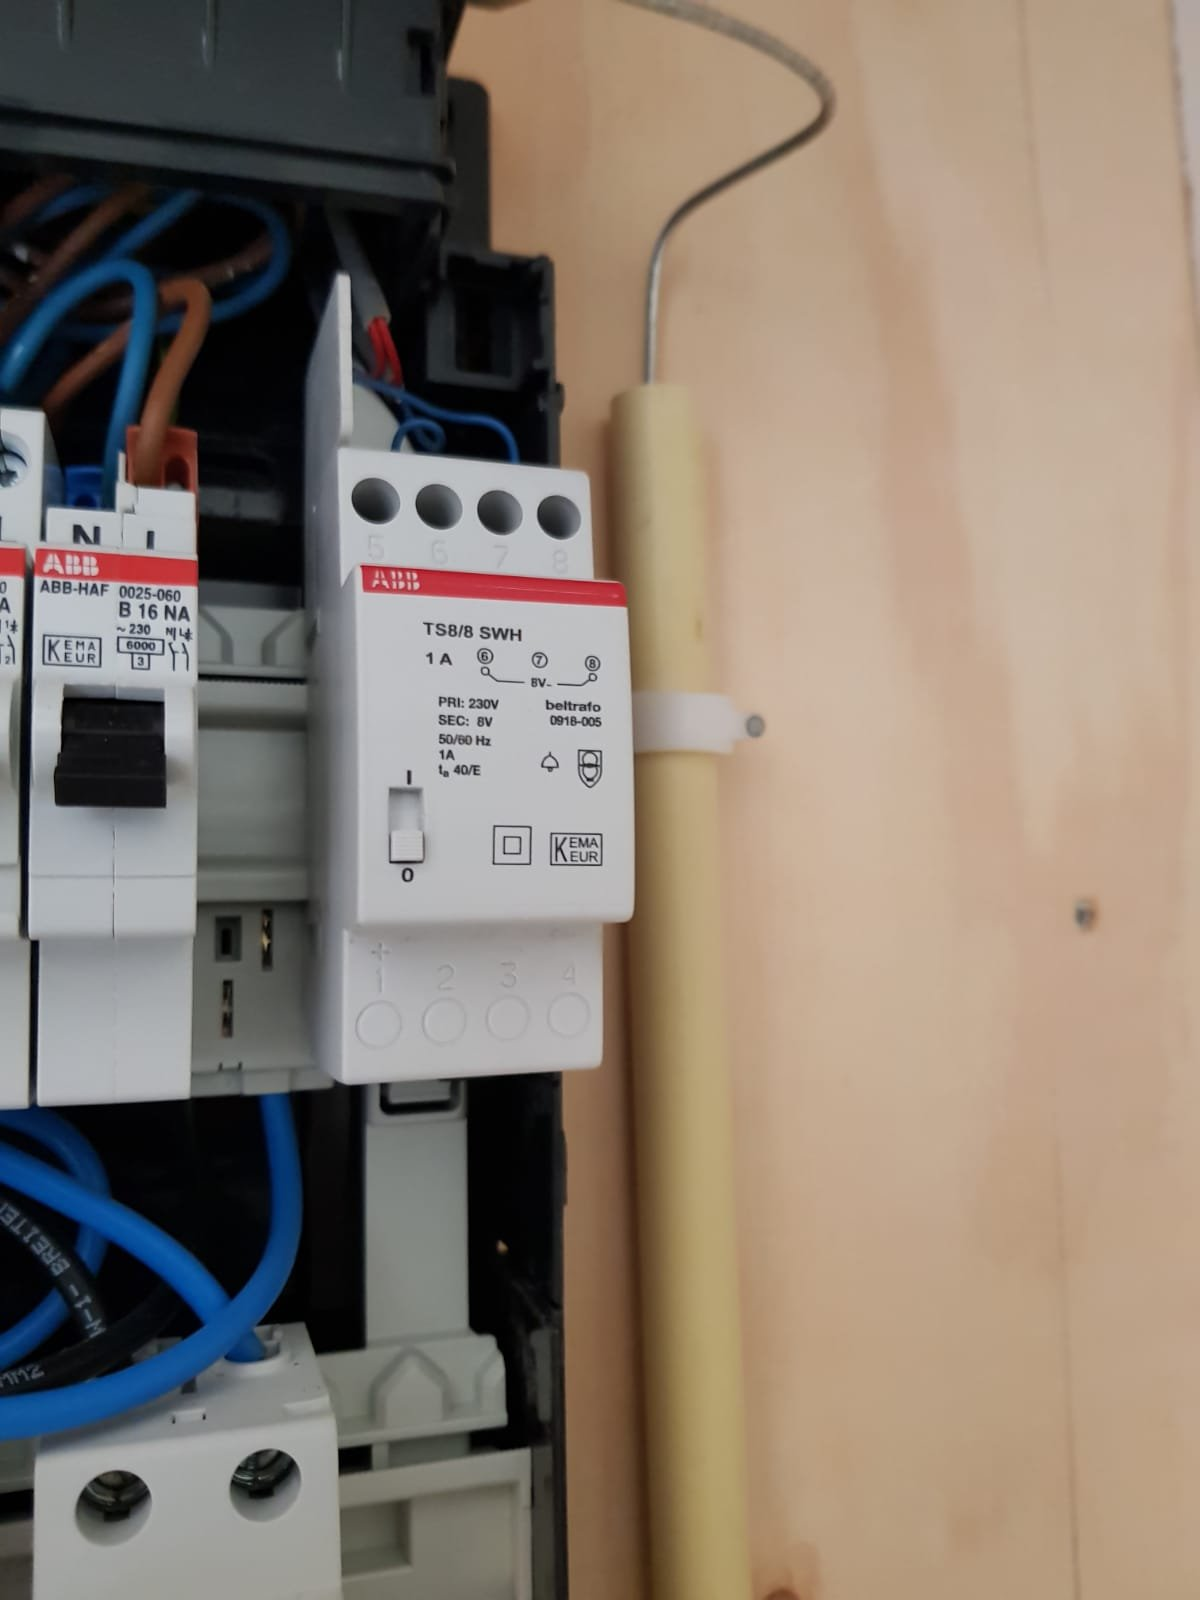 Deurbel Transformator Aansluiten.Ring Pro Deurbel Transformator Aansluiten In Abb Busboard